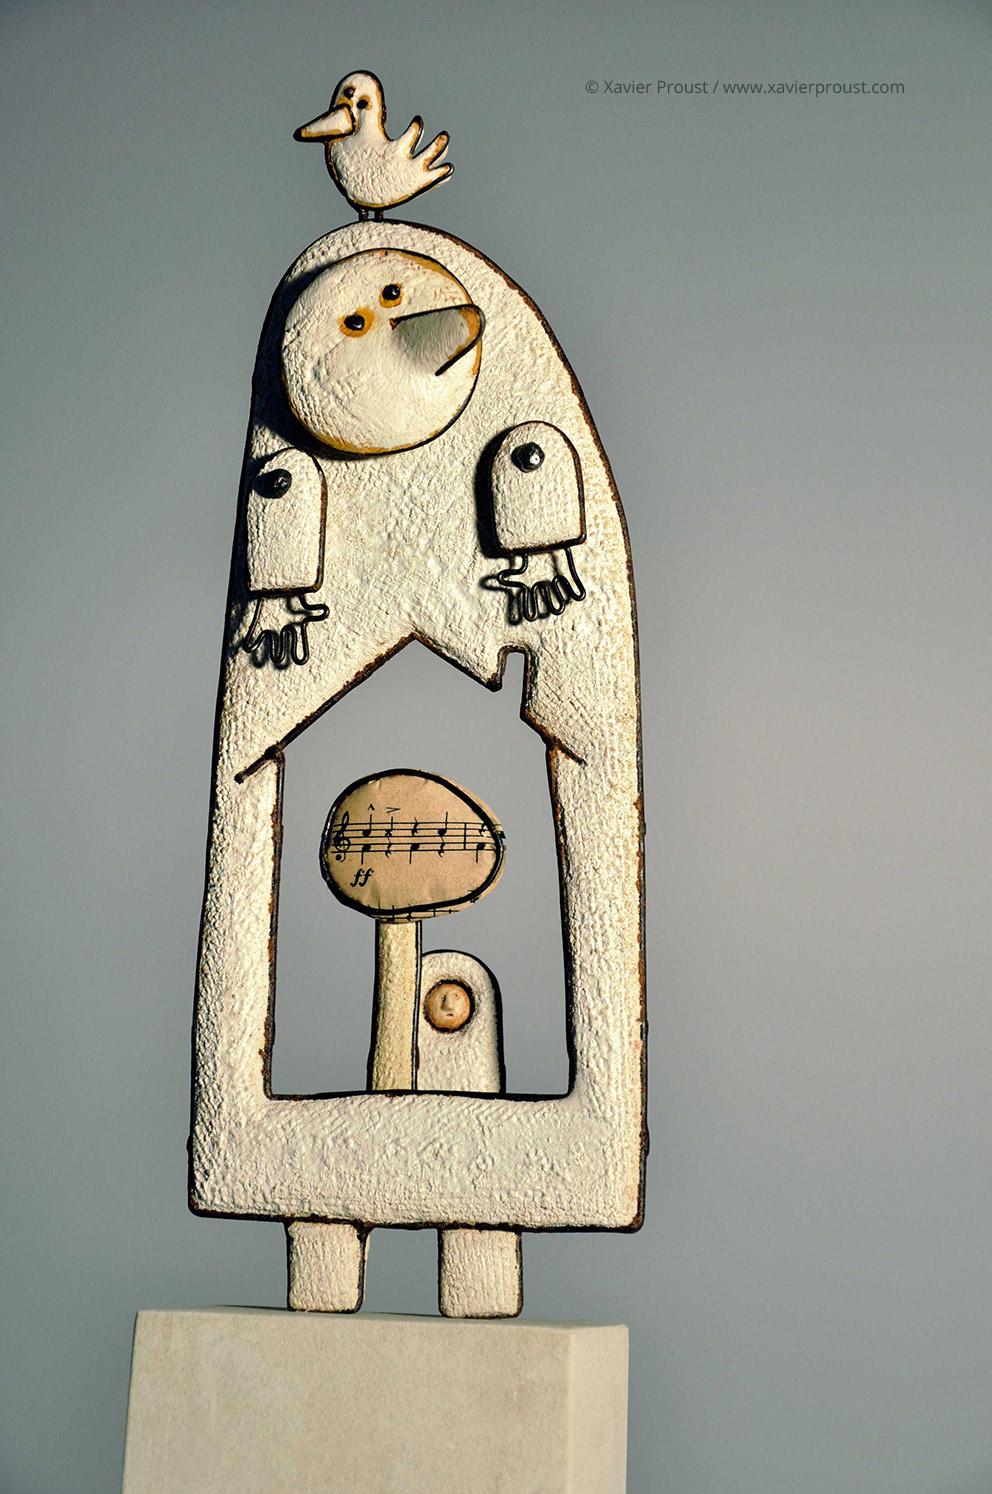 xavier proust sculptor sculpture